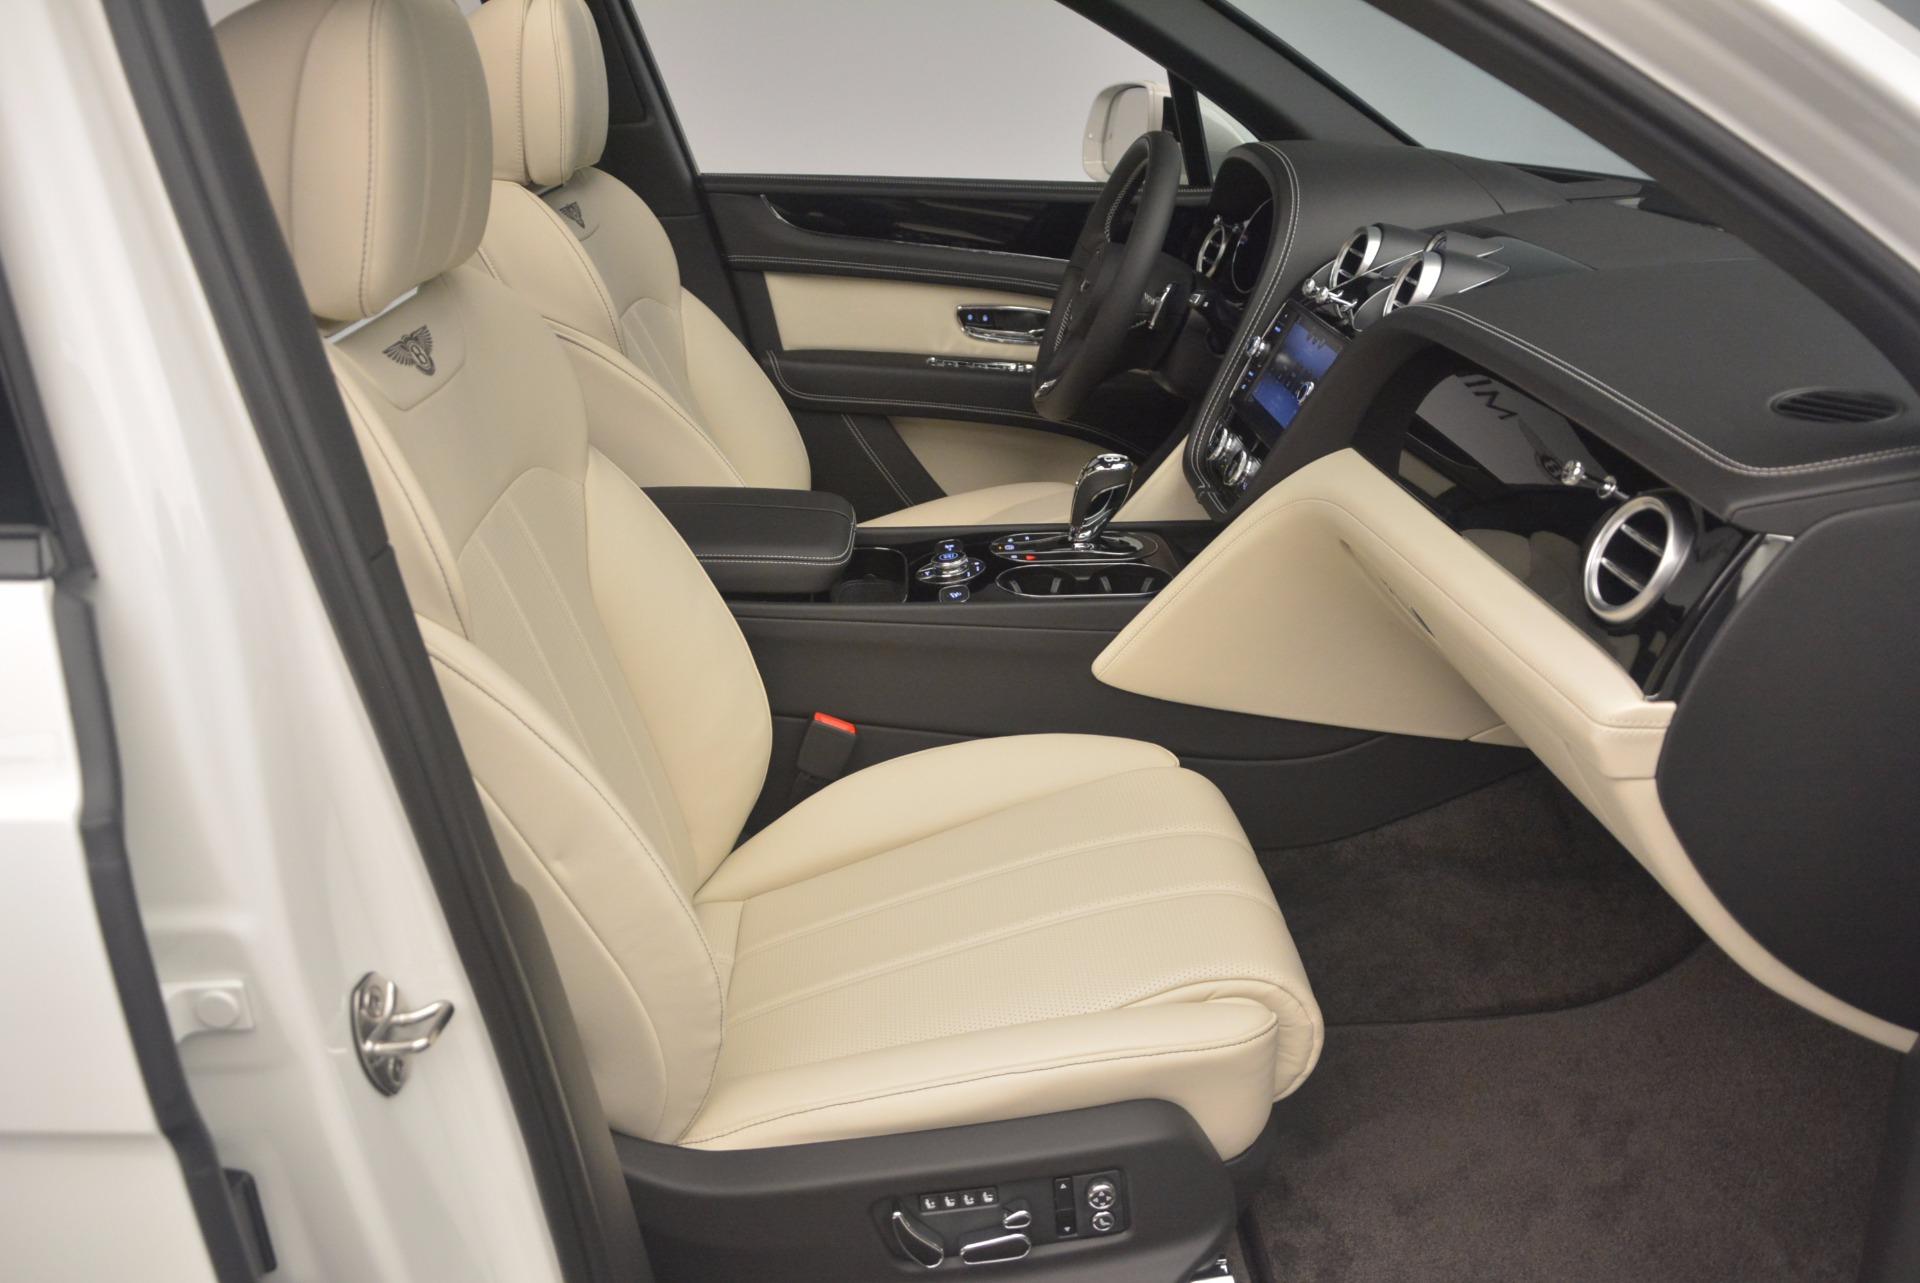 Used 2018 Bentley Bentayga Onyx For Sale In Westport, CT 1549_p28